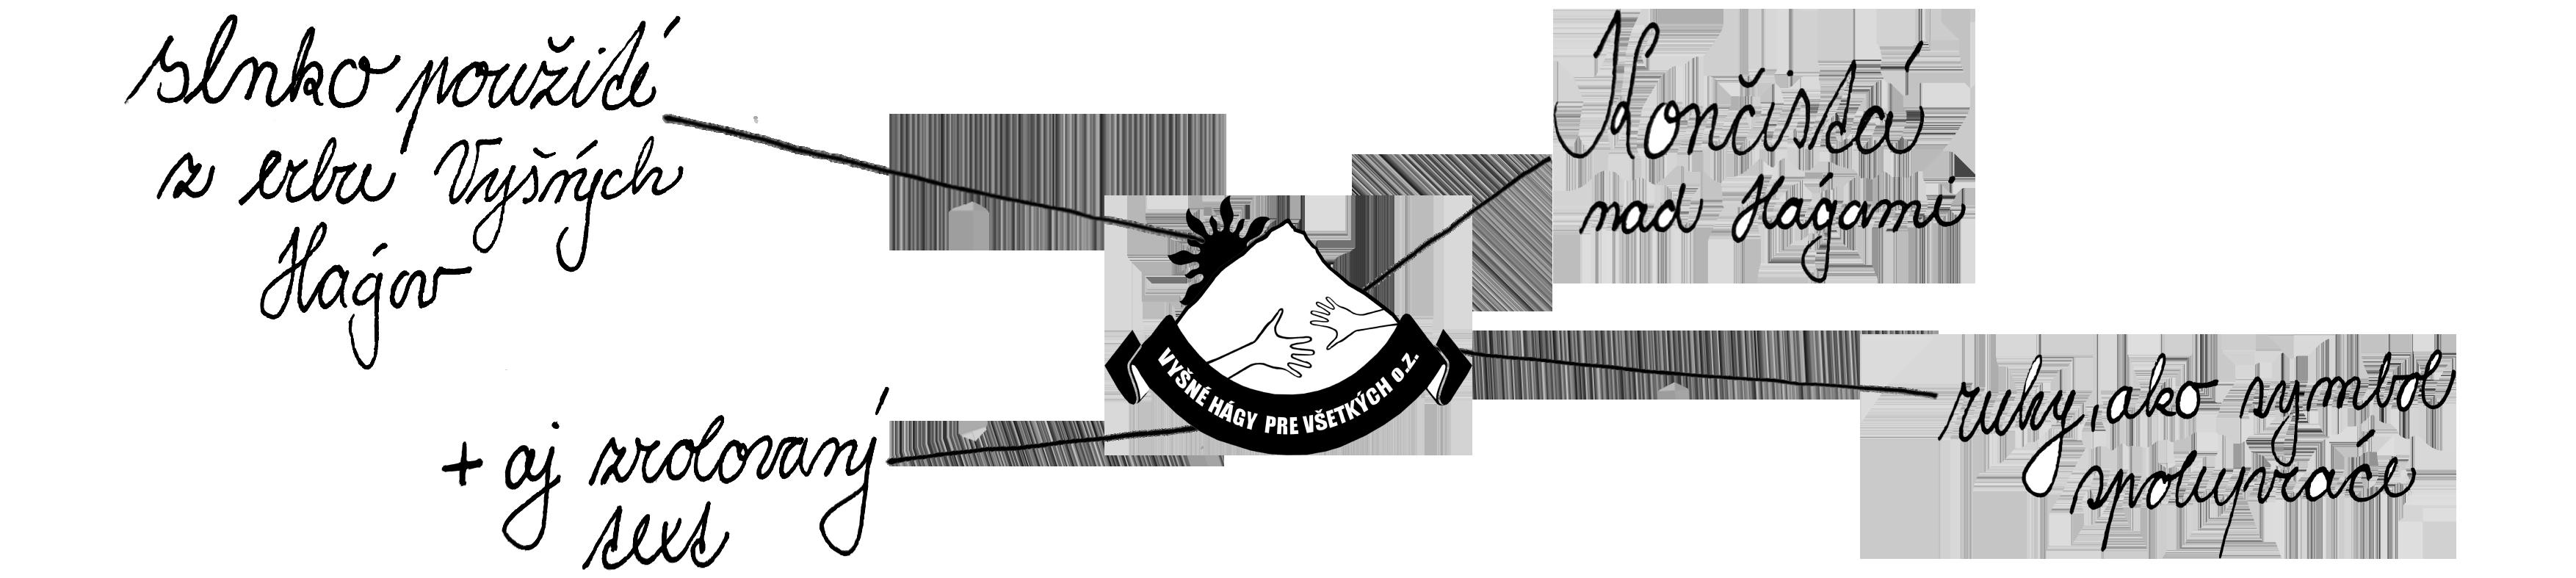 logo zdruzenie vyznam heraldika vznik